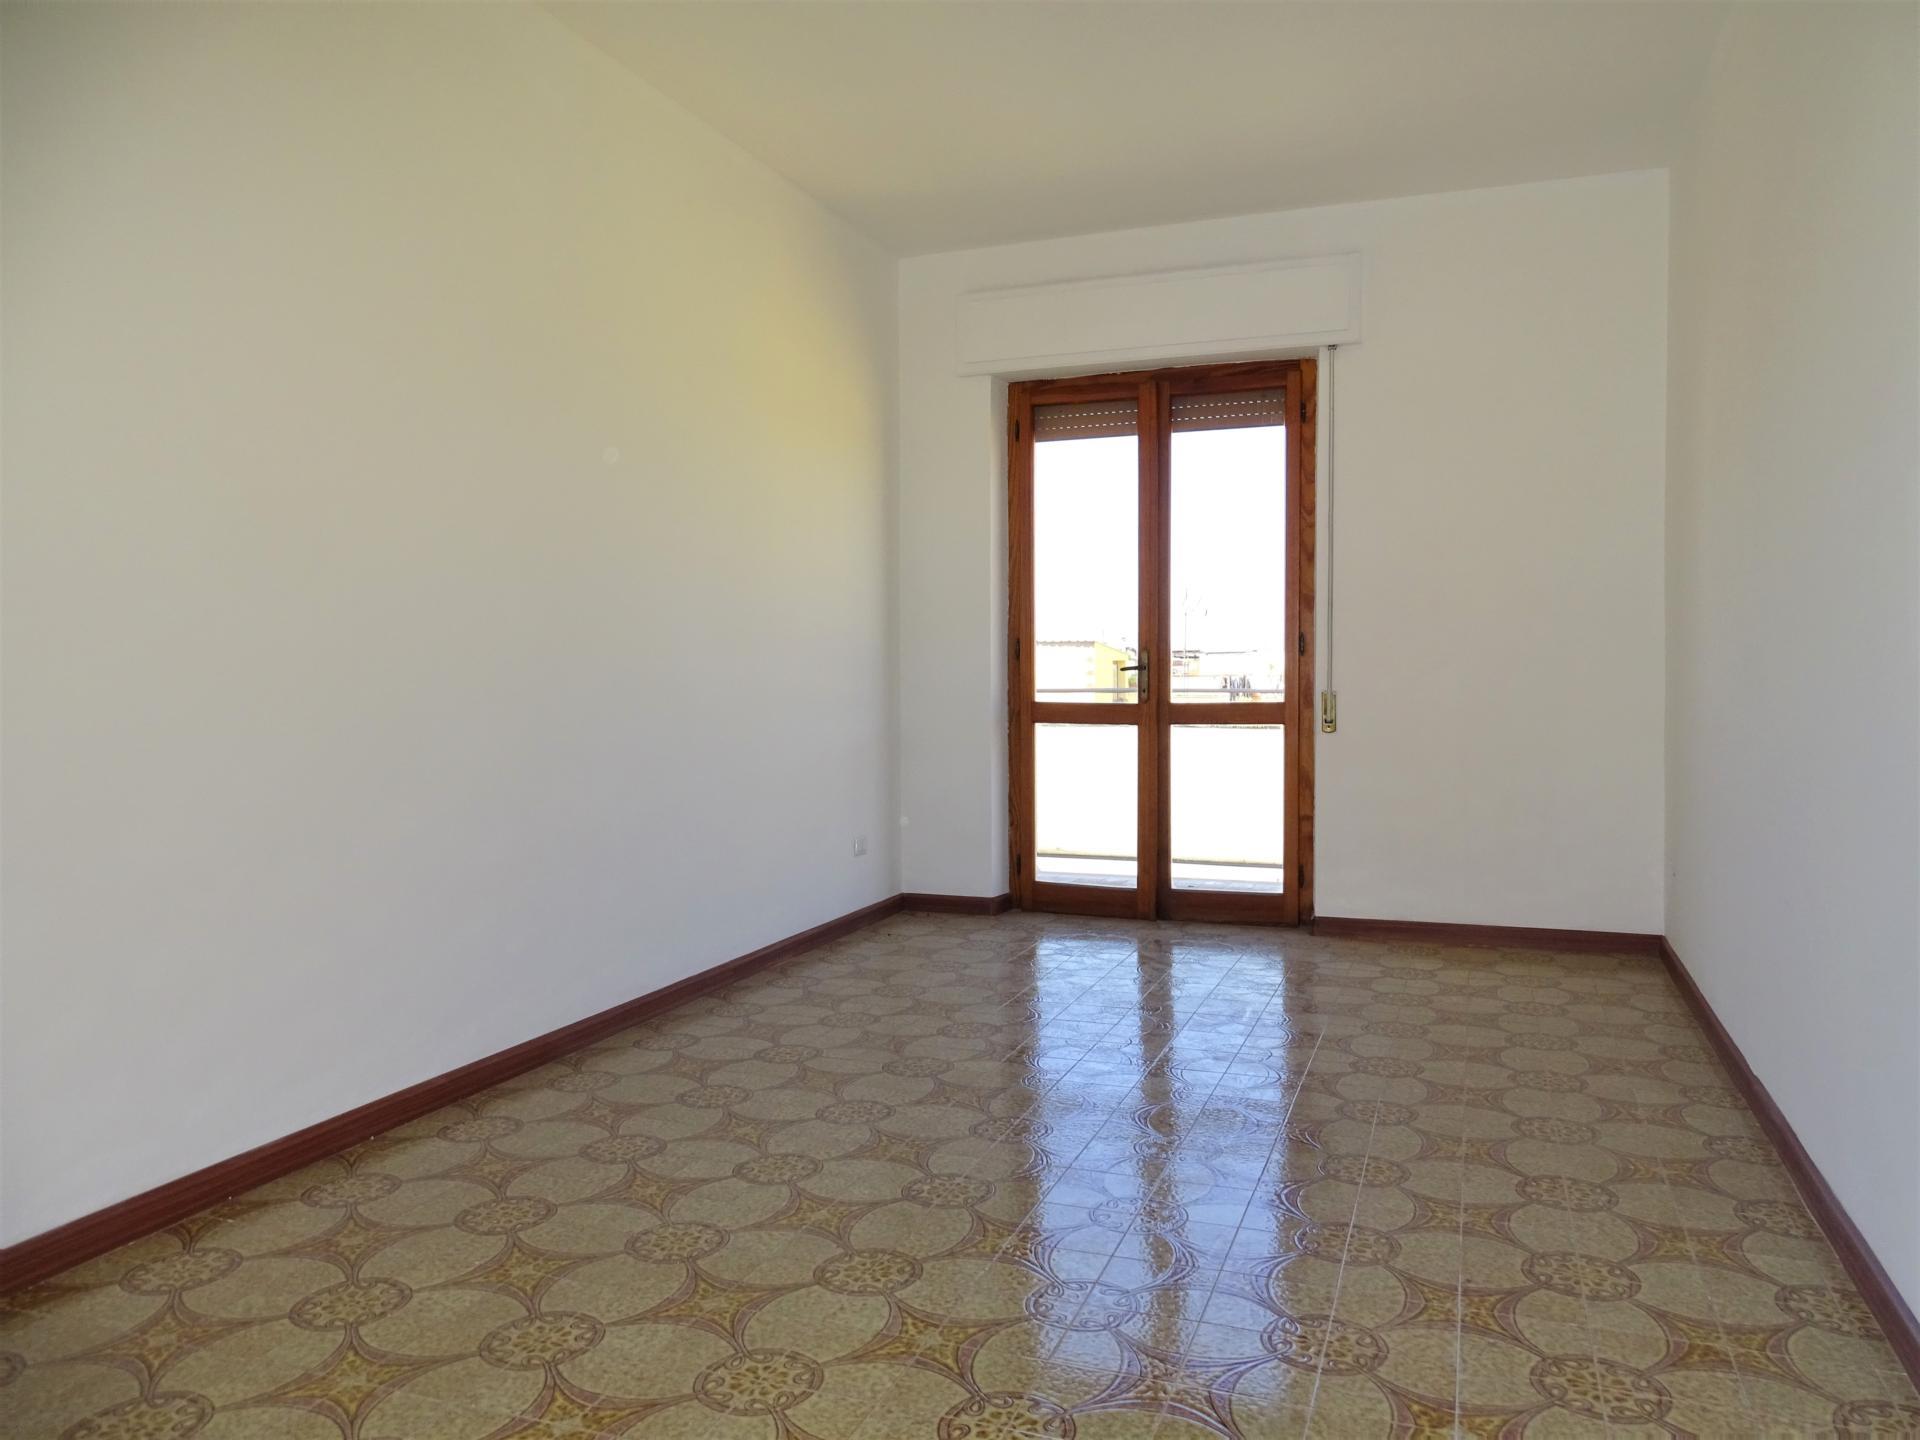 Appartamento al 2° piano di 77 mq netti